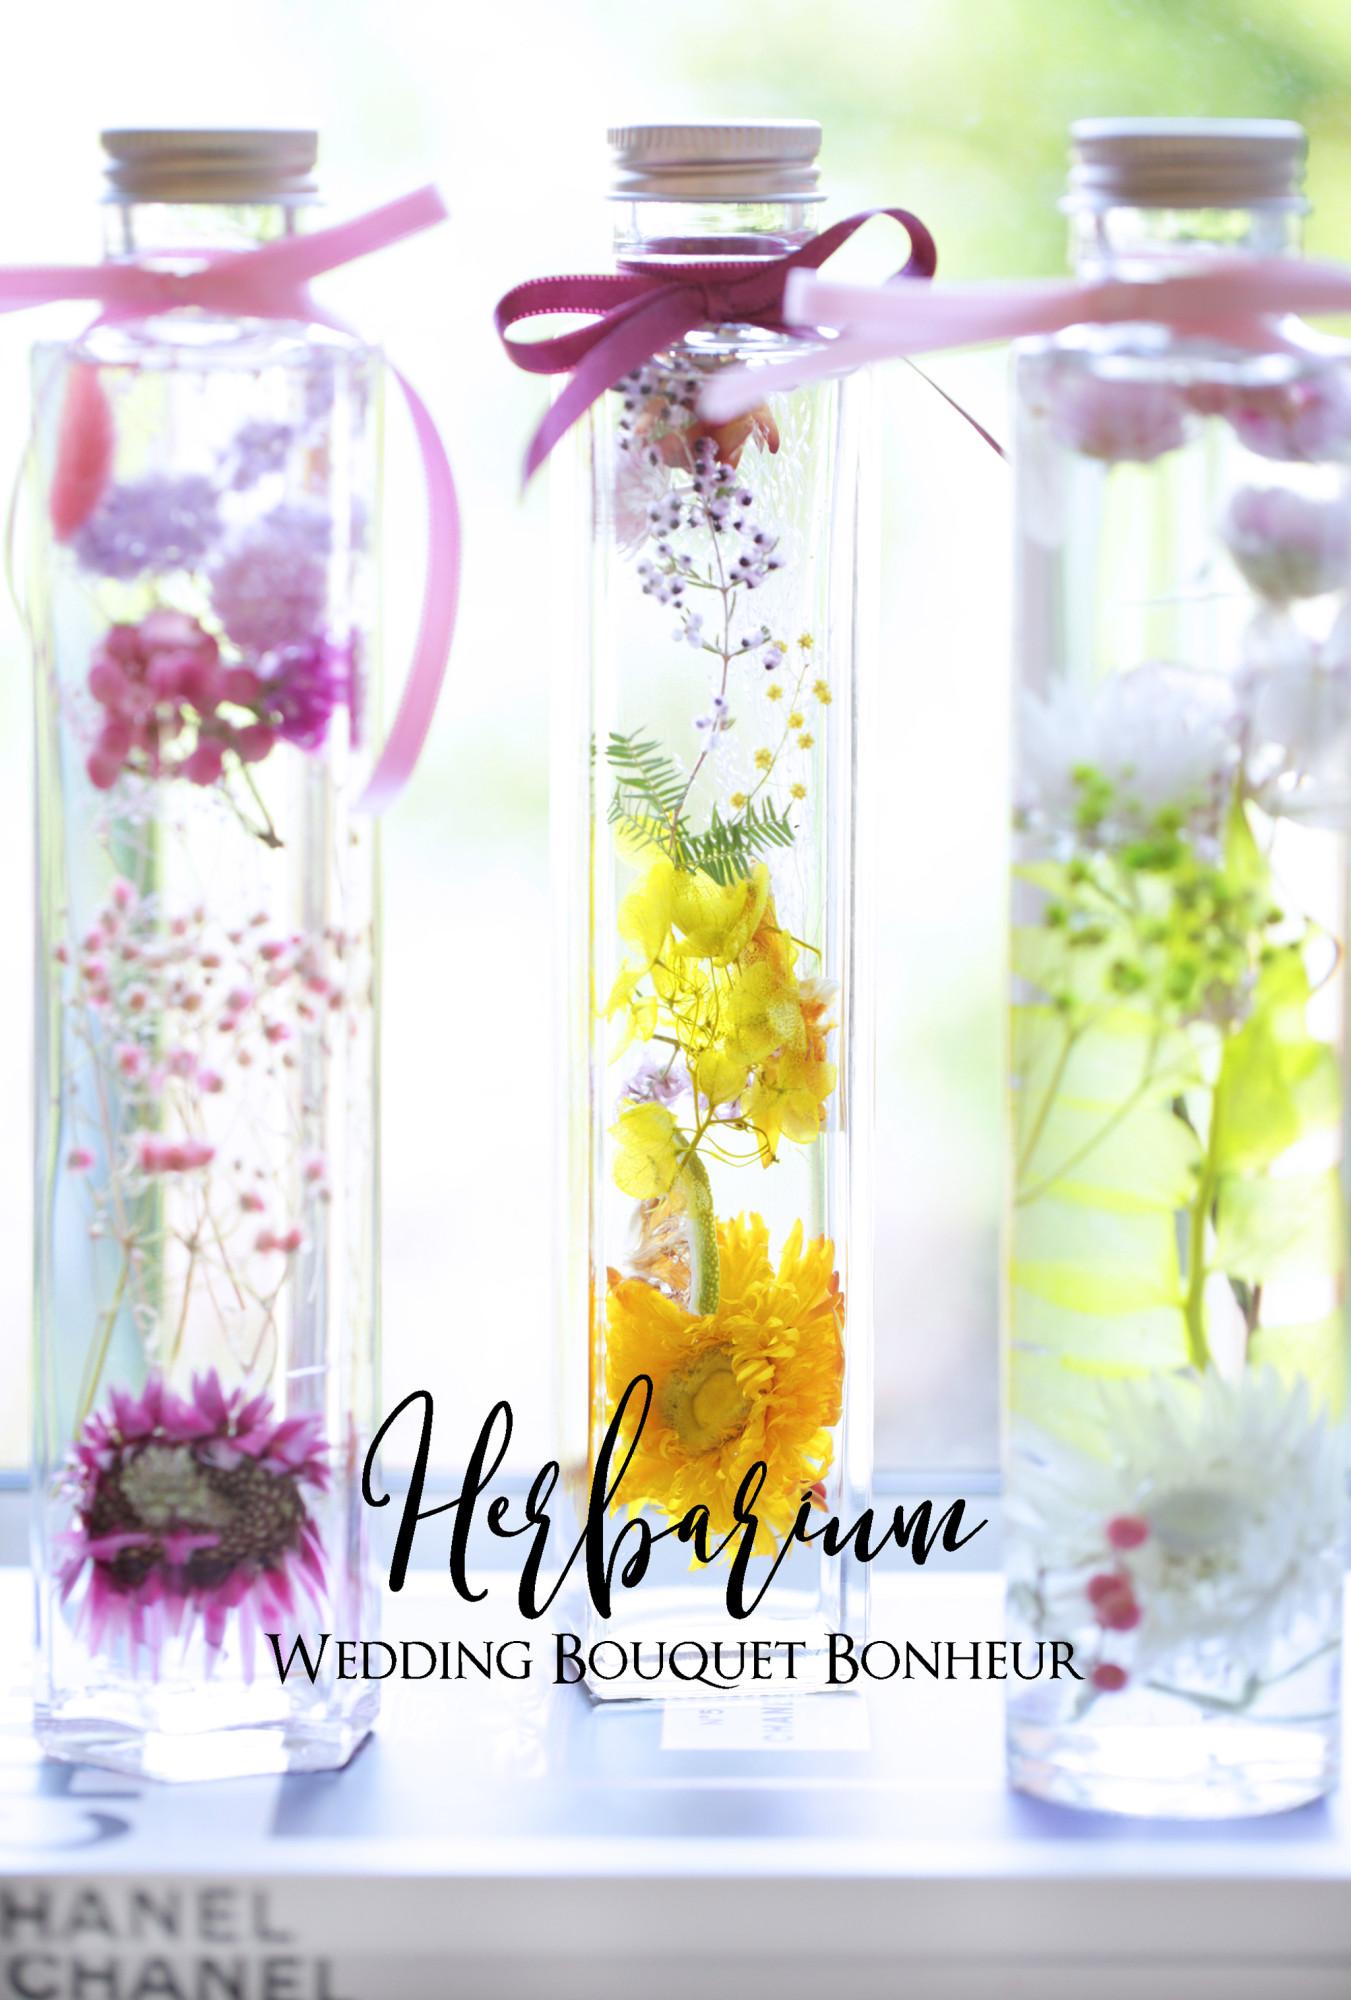 b_herbarium20180409_1